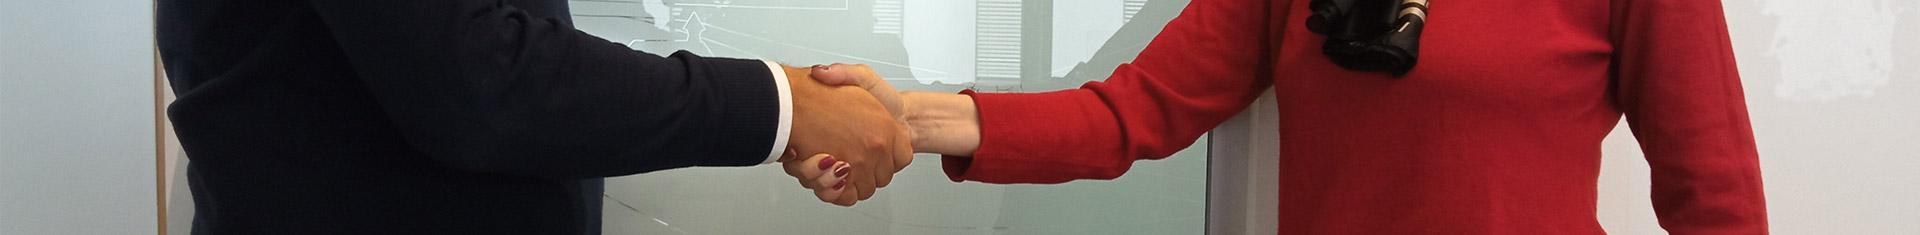 Handschlag zwischen 2 Männern im Businessoutfit